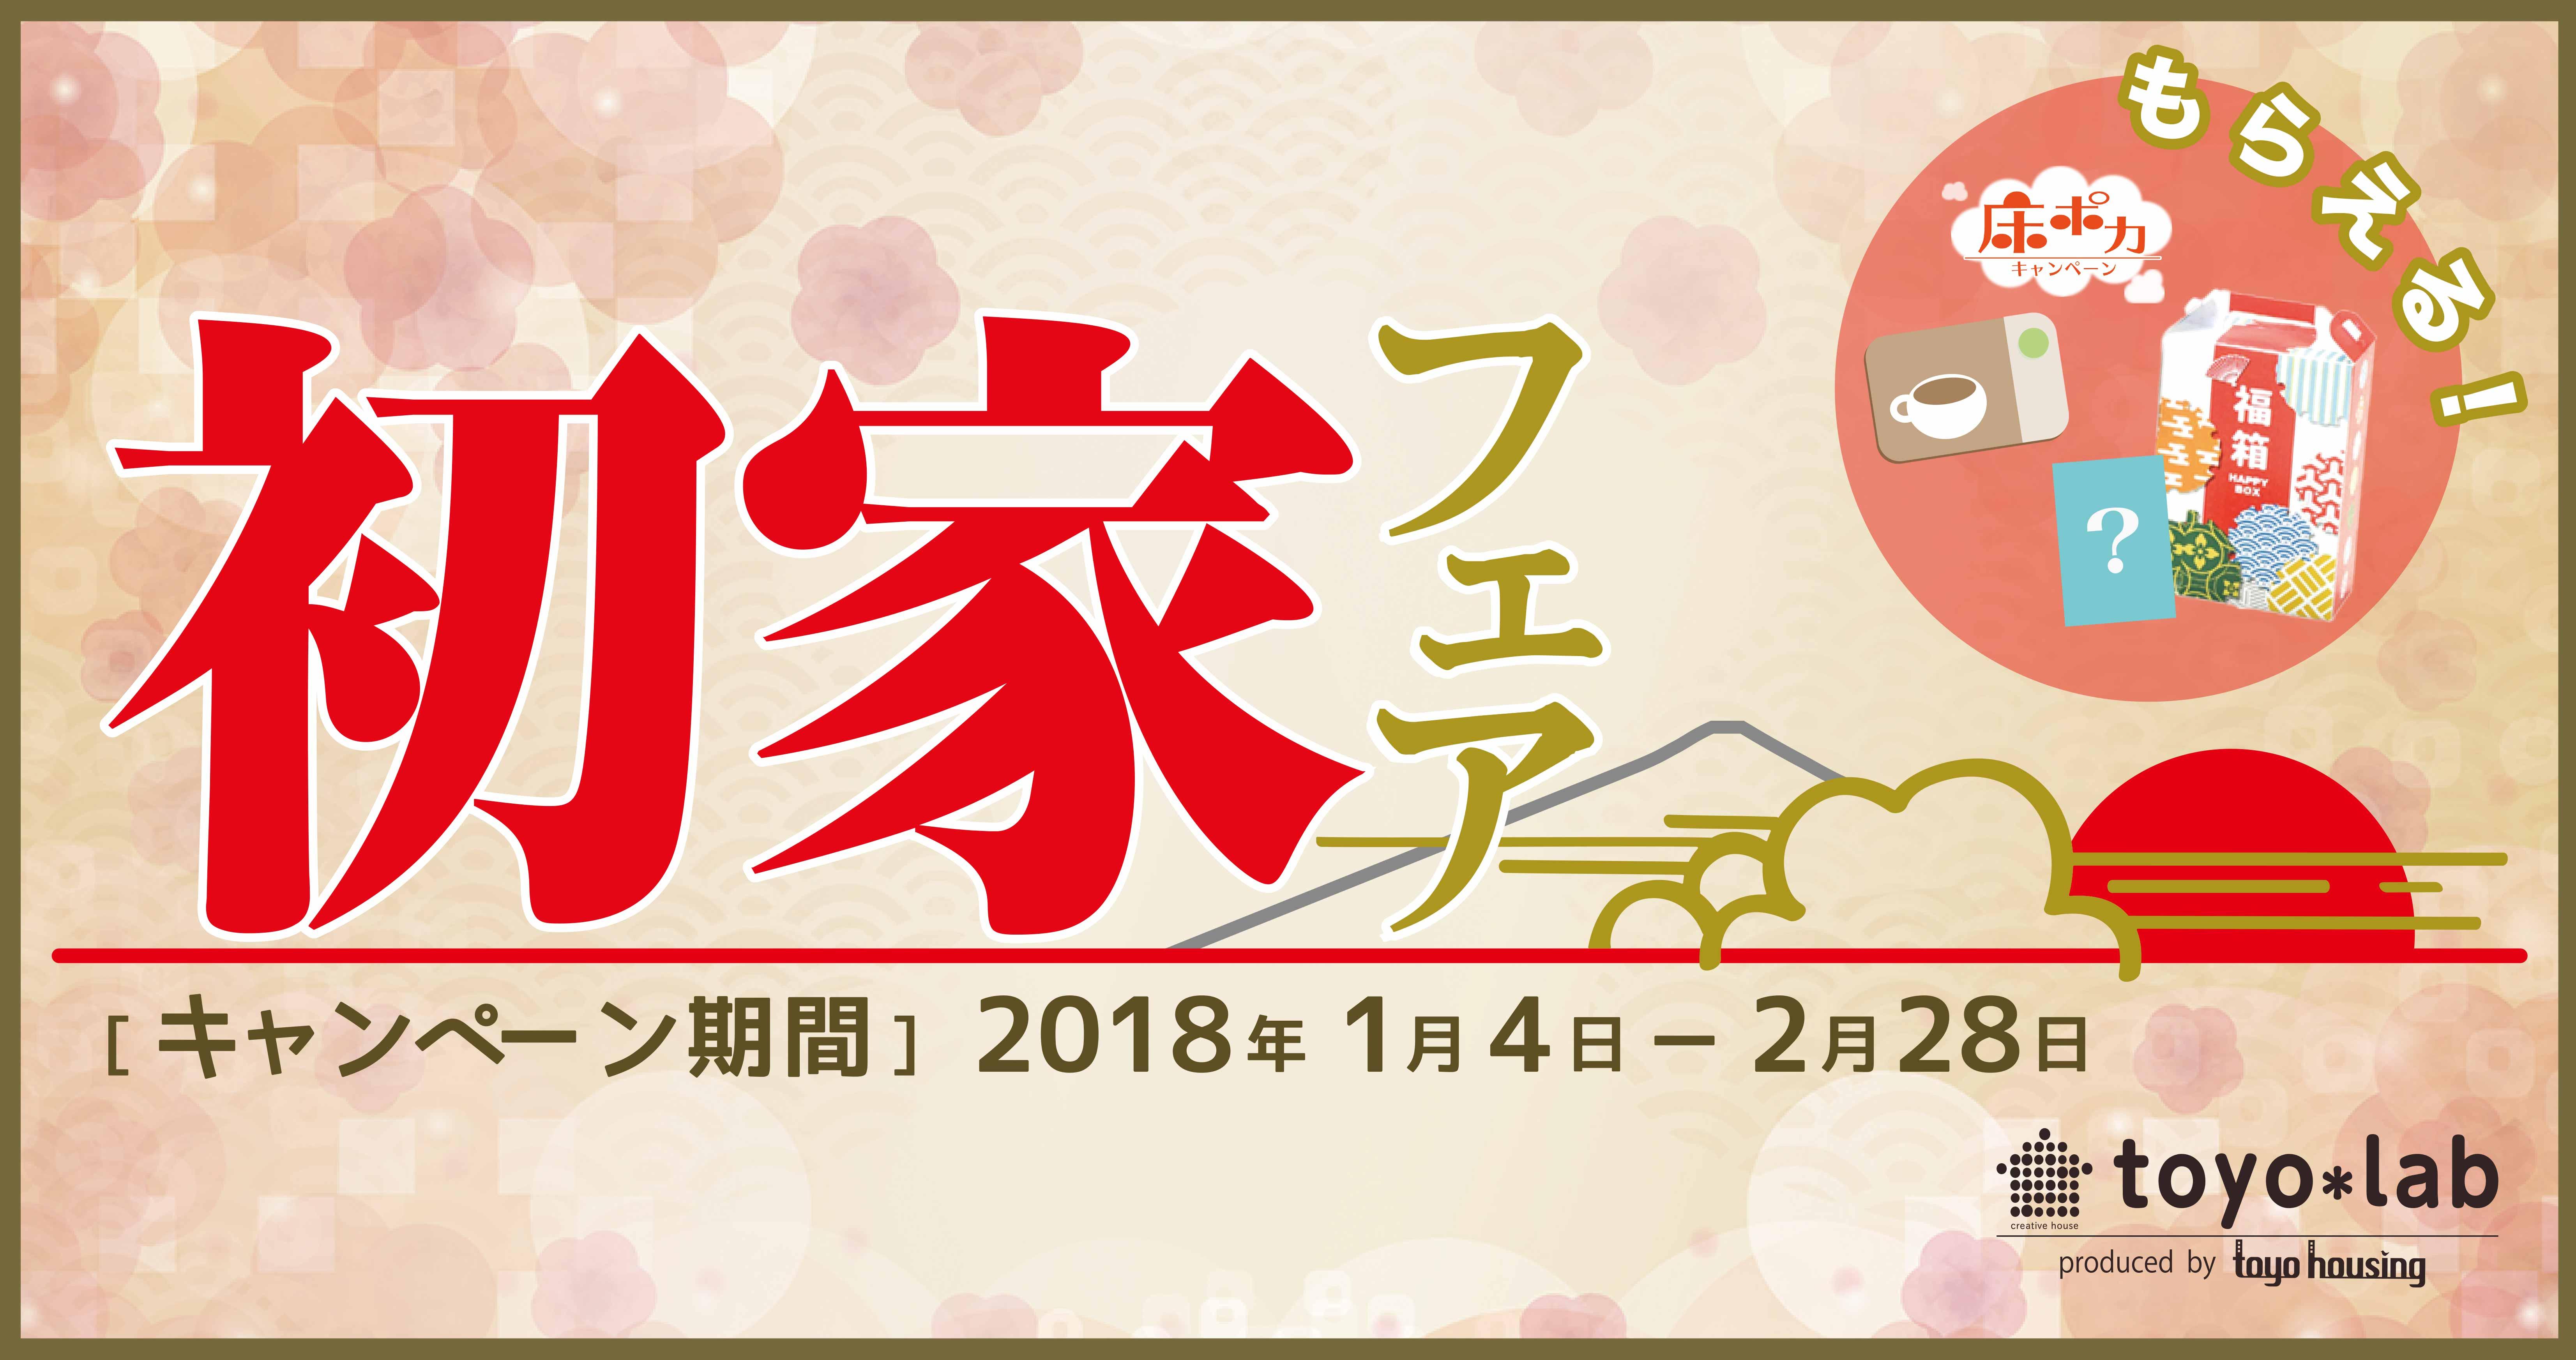 【新鎌ケ谷・流山おおたかの森・つくば 3支店】1・2月期間限定キャンペーン「初家フェア」